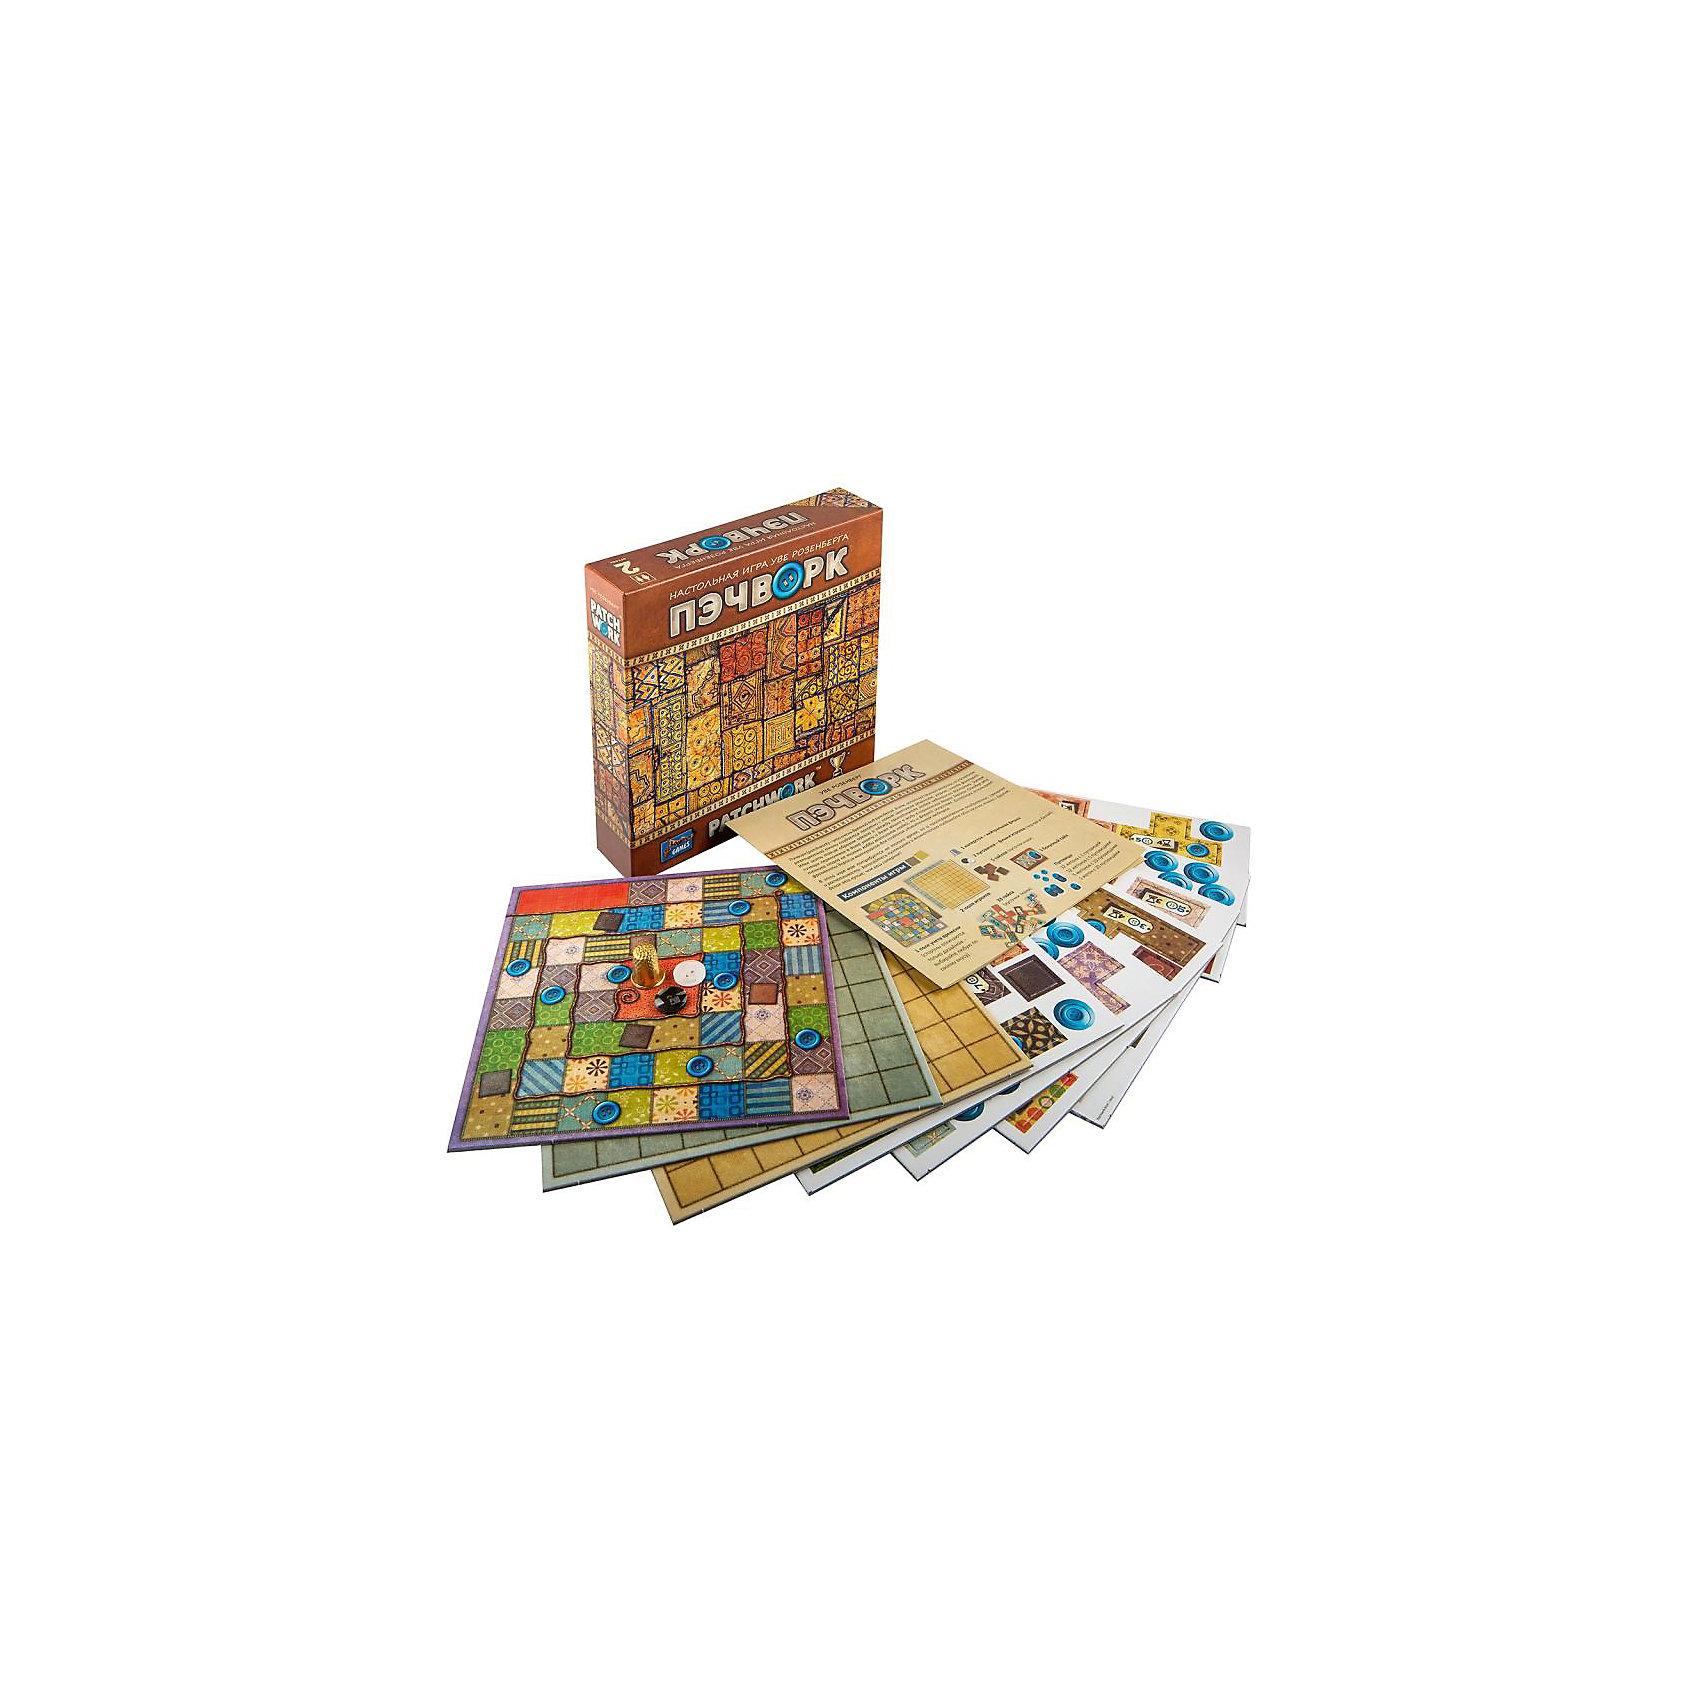 Настольная игра ПэчворкНастольные игры для всей семьи<br>Характеристики:<br><br>• возраст: от 6 лет<br>• комплектация: игровое поле, правила игры, брошюра «Викторина», карточки городов 56 шт., схема перелетов, жетоны «Мой город» 84 шт., жетоны-фанты (1 фант 20 шт., 2 фанта 20 шт., 3 фанта 13 шт., 5 фантов 13 шт., 10 фантов 30 шт.), фишки 4 шт., кубик 2 шт.<br>• размер игрового поля: 89х49 см.<br>• количество игроков: от 2 до 4 человек<br>• средняя продолжительность игры: 60 минут<br>• материал: картон, пластик<br>• упаковка: картонная коробка<br>• размер упаковки: 27,5х40х5,5 см.<br>• вес: 1,188 кг.<br><br>Игра «Здравствуй, Россия!» представляет собой занимательную стратегическую игру, которая познакомит ребенка с многонациональным народом России, с городами и поселками, реками и морями, с традициями, обычаями, историей, флорой и фауной нашей страны.<br><br>В процессе игры ребенок побывает в разных уголках нашей необъятной Родины. Попасть туда он сможет на поезде, корабле или самолете. В пути ребенок узнает много нового и интересного, а помогут ему в этом вопросы викторины.<br><br>Настольную игру FunGame ТК Здравствуй, Россия!, Origami (Оригами) можно купить в нашем интернет-магазине.<br><br>Ширина мм: 50<br>Глубина мм: 200<br>Высота мм: 200<br>Вес г: 700<br>Возраст от месяцев: 96<br>Возраст до месяцев: 2147483647<br>Пол: Унисекс<br>Возраст: Детский<br>SKU: 6845962